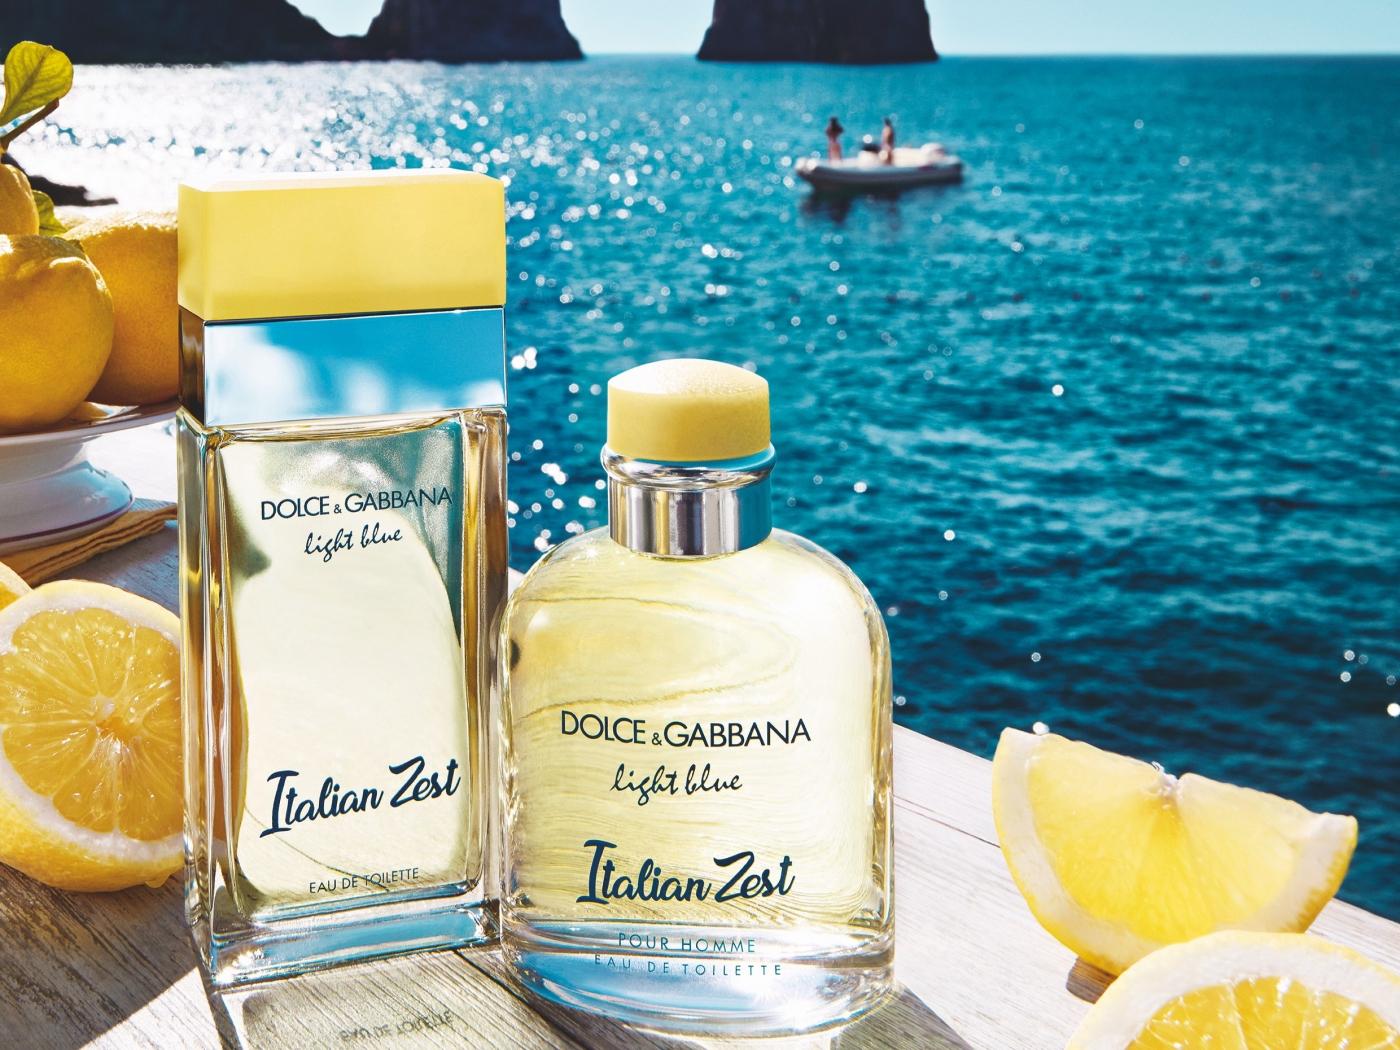 Italian Zest, la nouvelle fragrance estivale de Dolce   Gabbana ... 5ad6072d5d1a